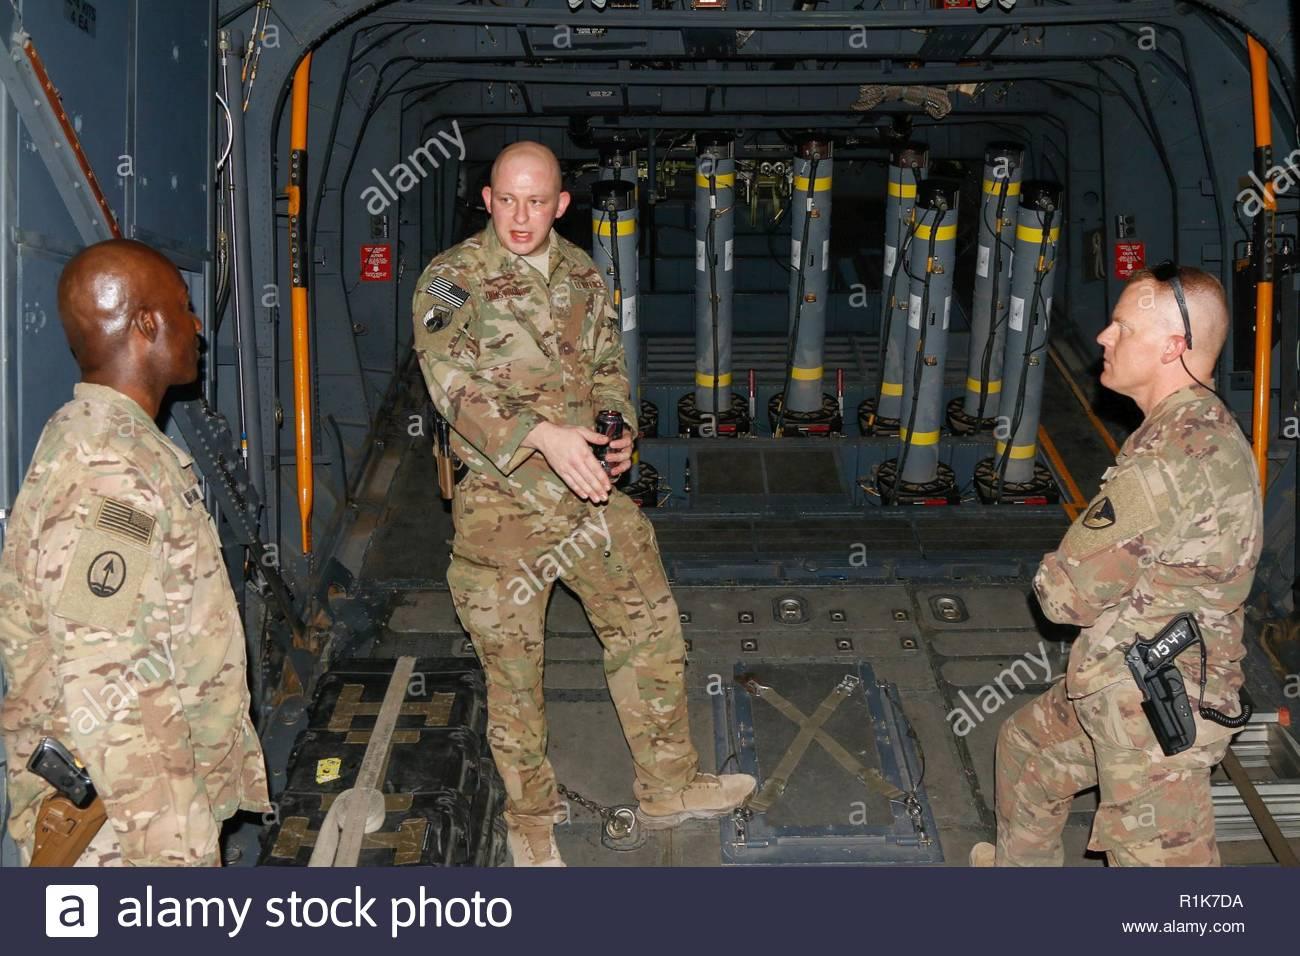 U.S. Air Force Tech. Le Sgt. Brent Armstrong, surintendant des opérations expéditionnaires pour 16e Escadron d'opérations spéciales, explique des capacités balistiques de l'AC-130W II Stinger gunship à lieutenant-colonel de l'armée américaine Jean Pharaon, à gauche, et le lieutenant-colonel de l'armée américaine Jessie Griffith, droit, à Al Asad Air Base (AAAB), l'Iraq, 5 octobre 2018. AAAB est une combinaison d'un groupe de travail conjoint - Fonctionnement amélioré la capacité inhérente de résoudre partenaire emplacement consacre à la formation des forces des partenaires et renforcer leur efficacité. Photo Stock